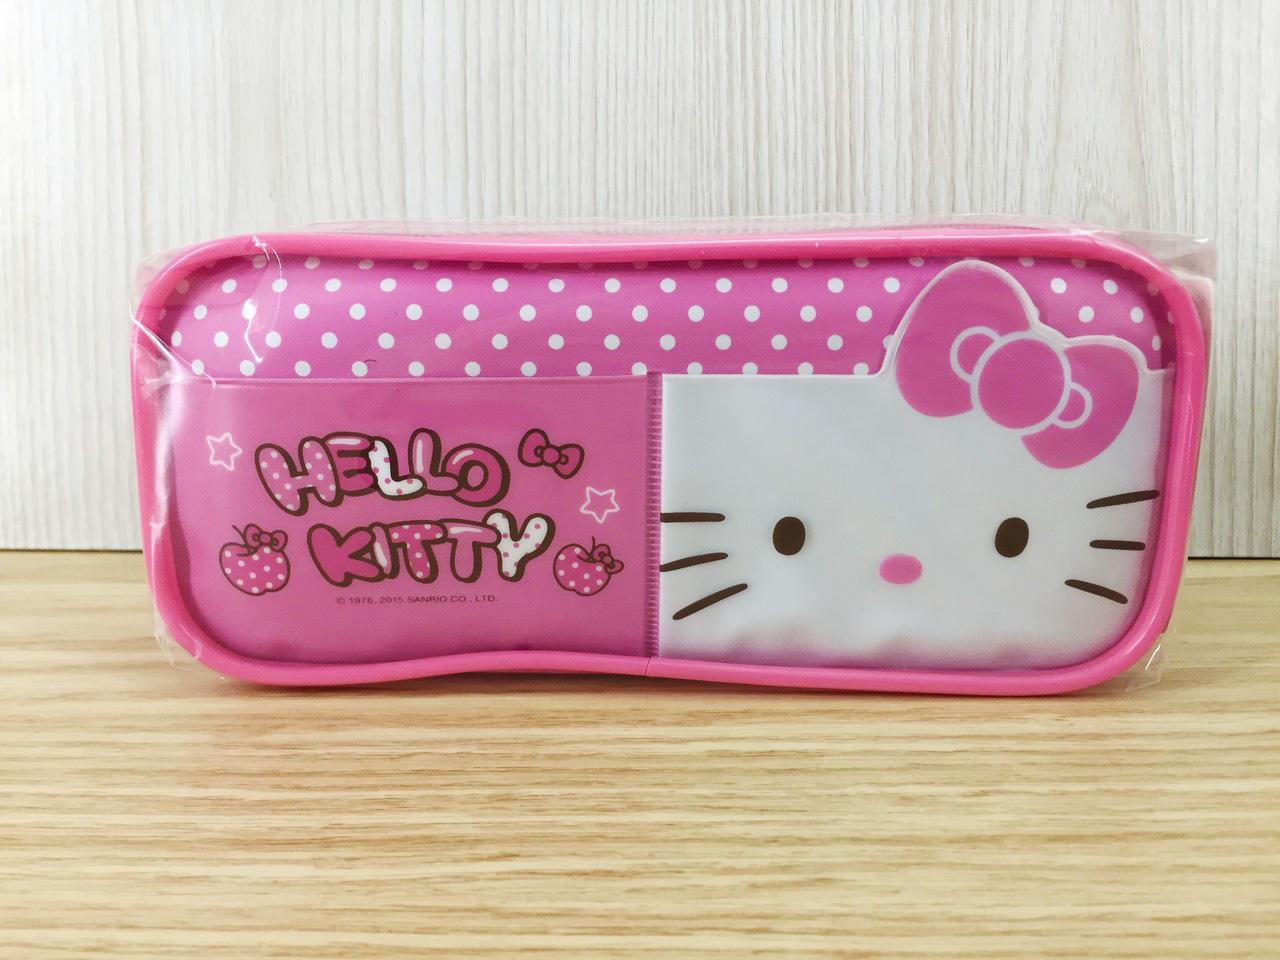 【真愛日本】16011400032 造型筆袋-KT大臉白點粉 KITTY 凱蒂貓 三麗鷗 筆袋 收納 鉛筆盒